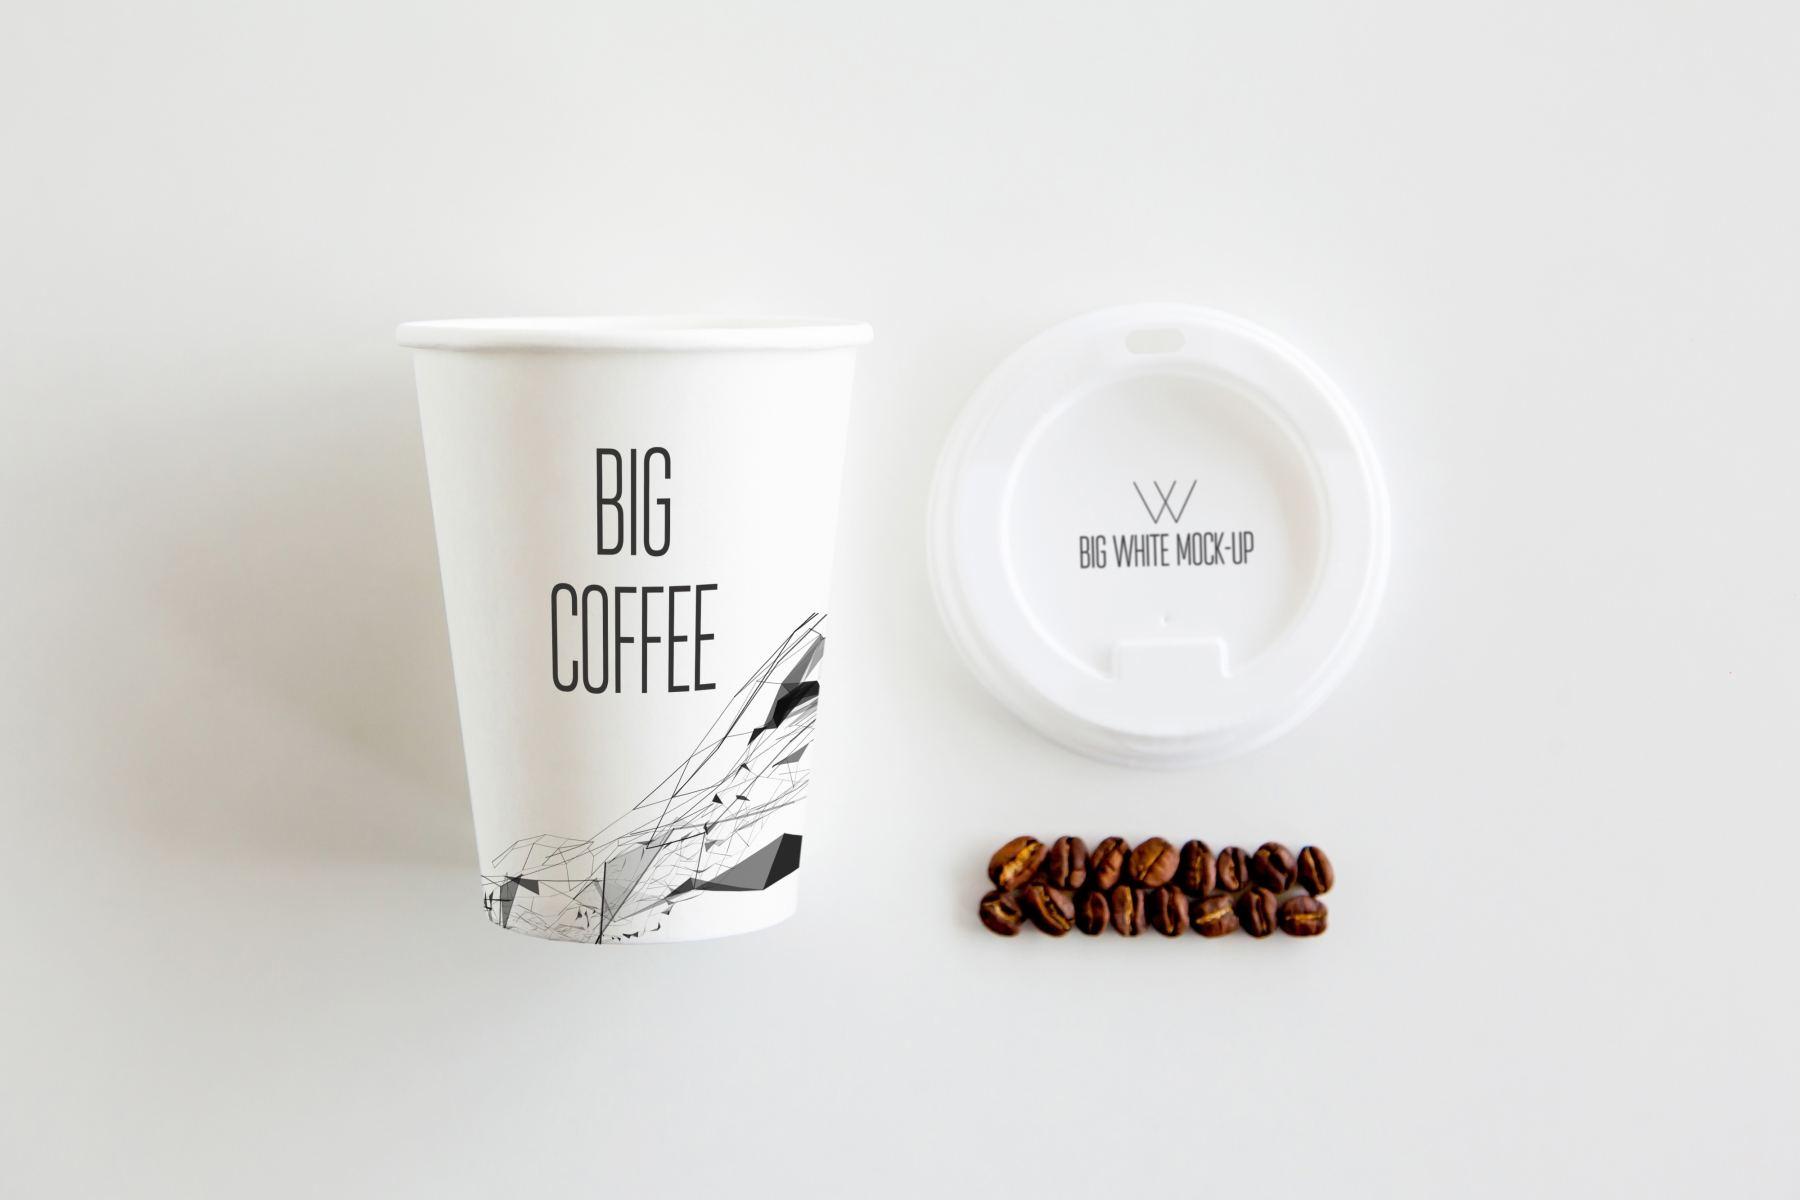 1569718177 c8004999e50126f - 休闲简约风企业vi样机咖啡杯样机